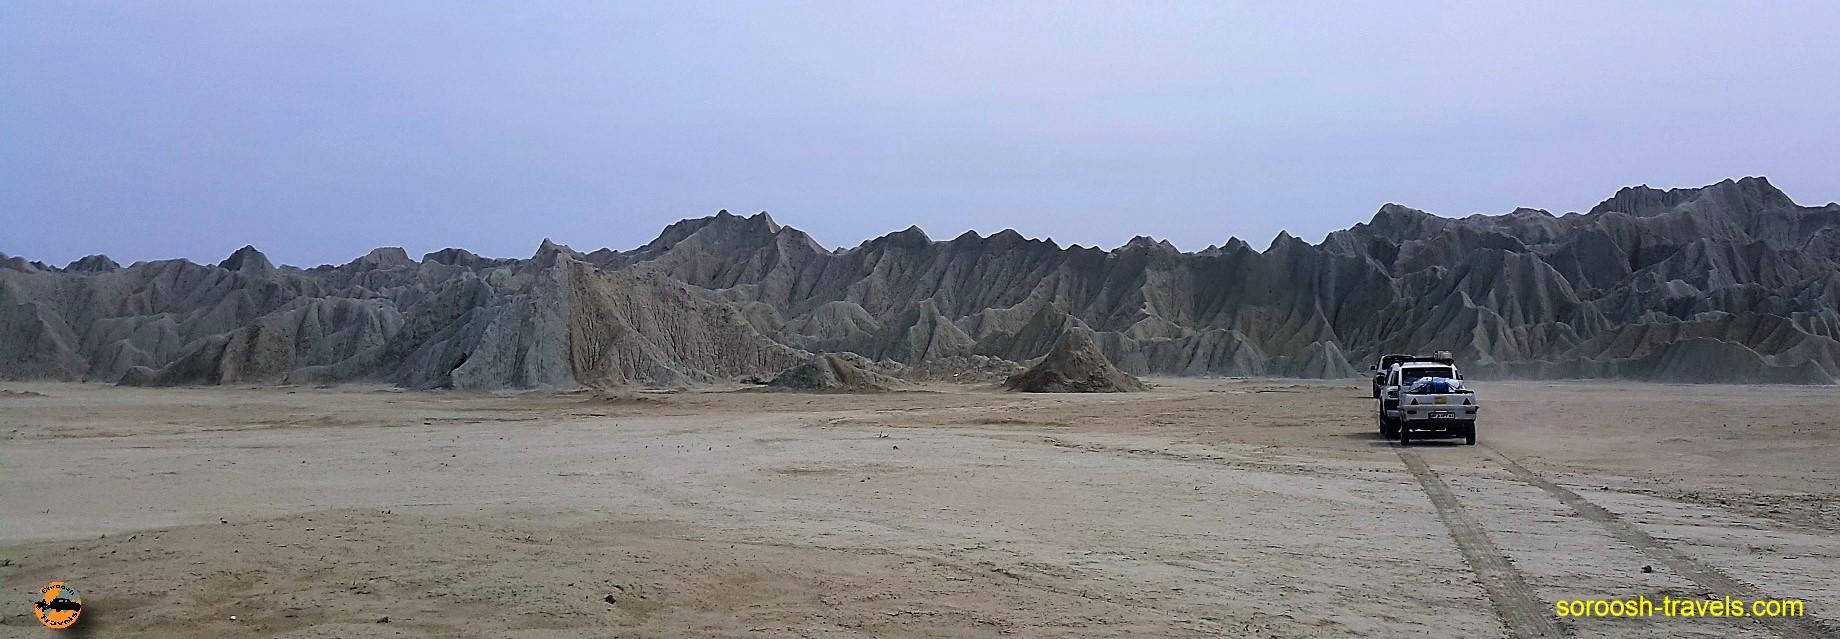 کوههای عجیب سواحل دریای عمان - نوروز ۱۳۹۶